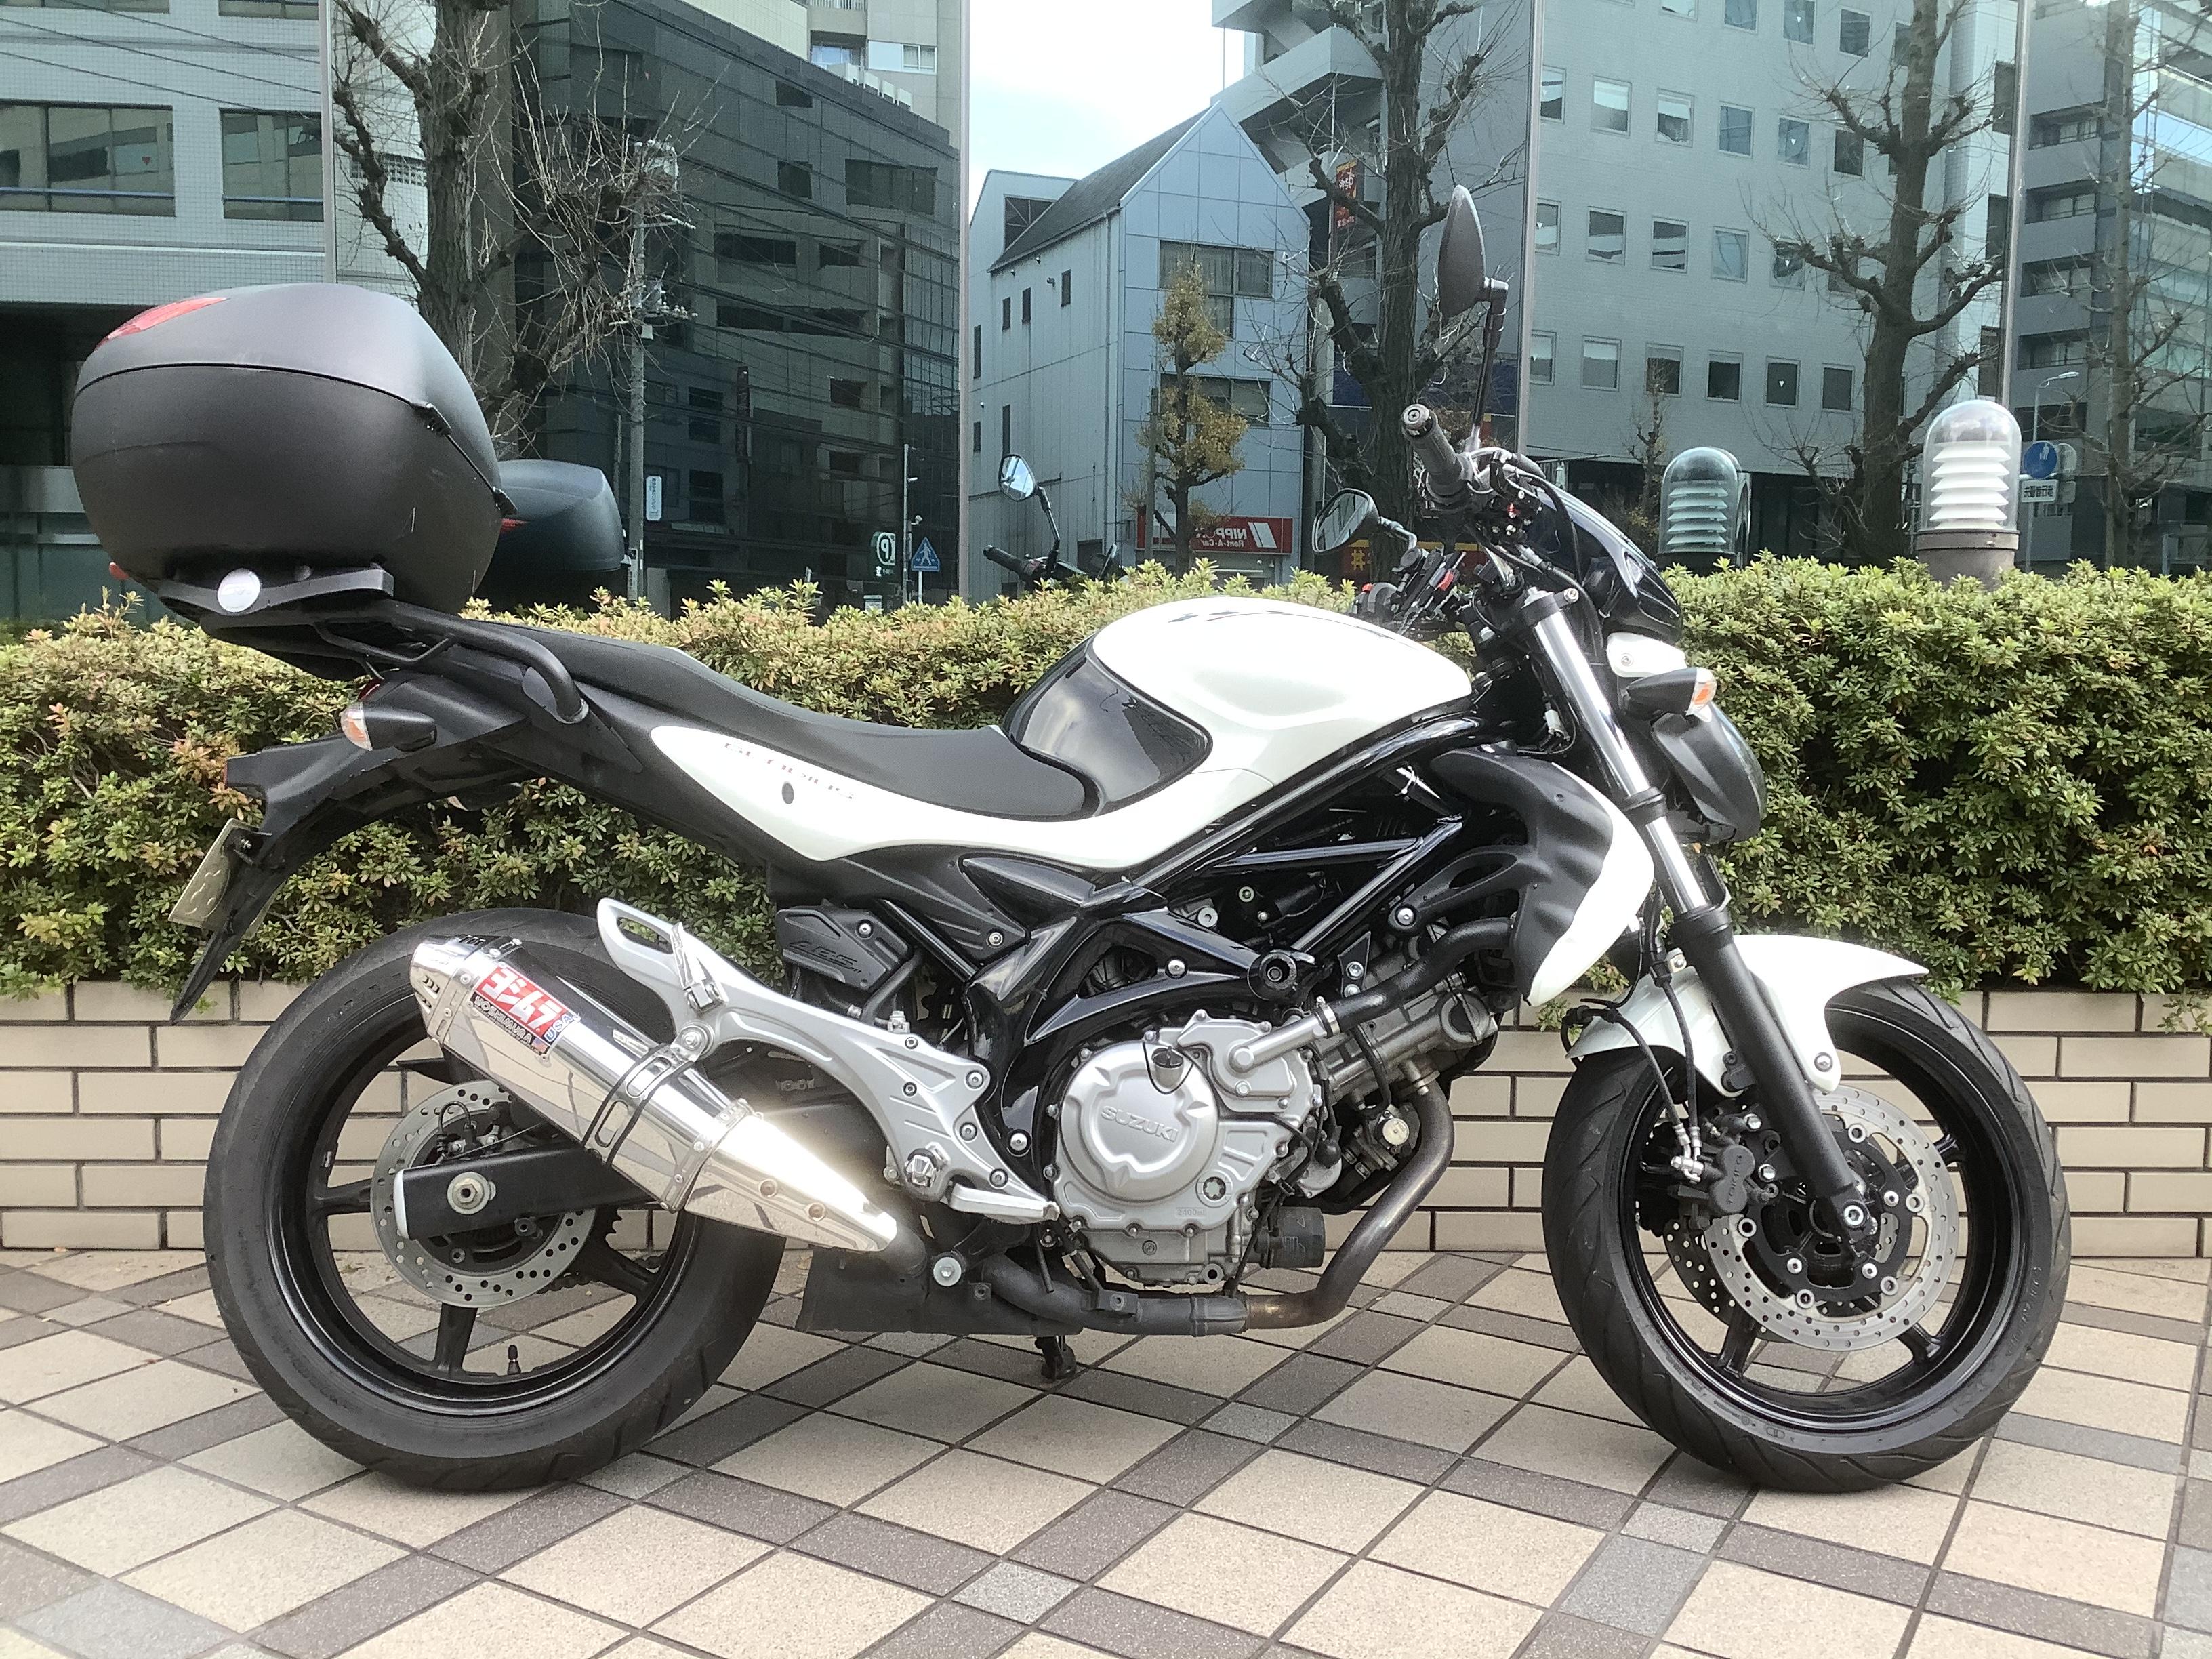 グラディウス400ABS(HN-00) - 【公式】レンタルバイクのベストBike® 用賀駅前